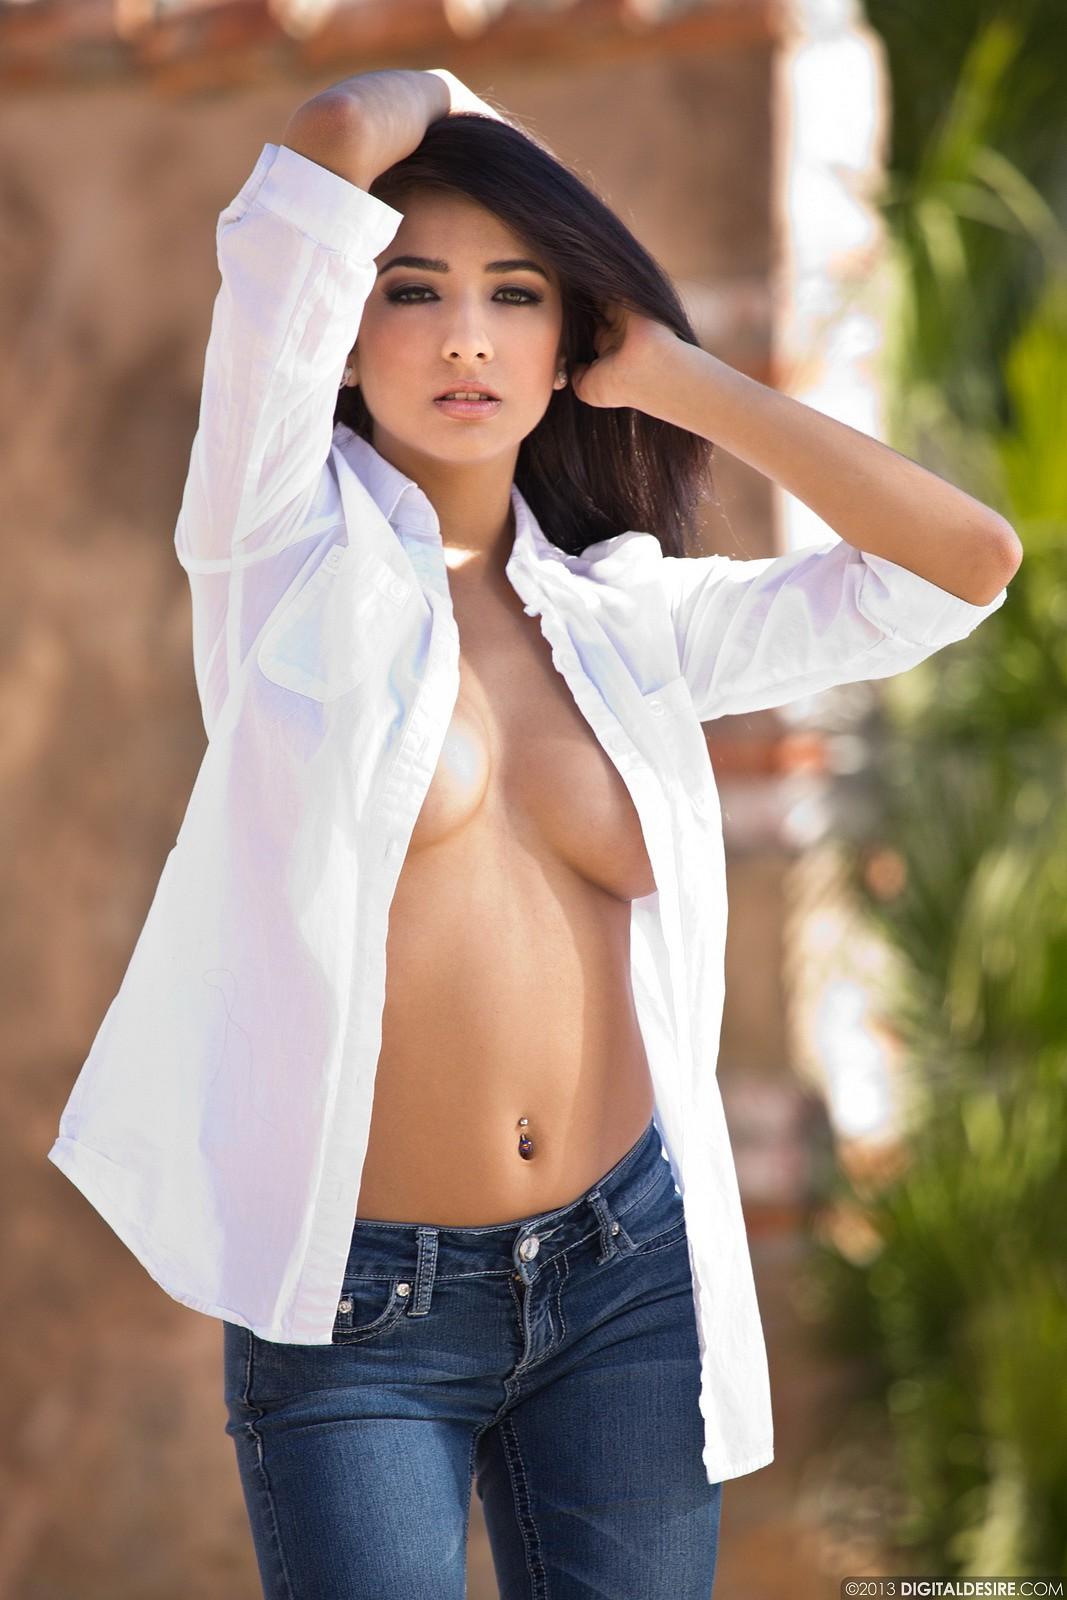 maedchen-ohne-hemd-nackt